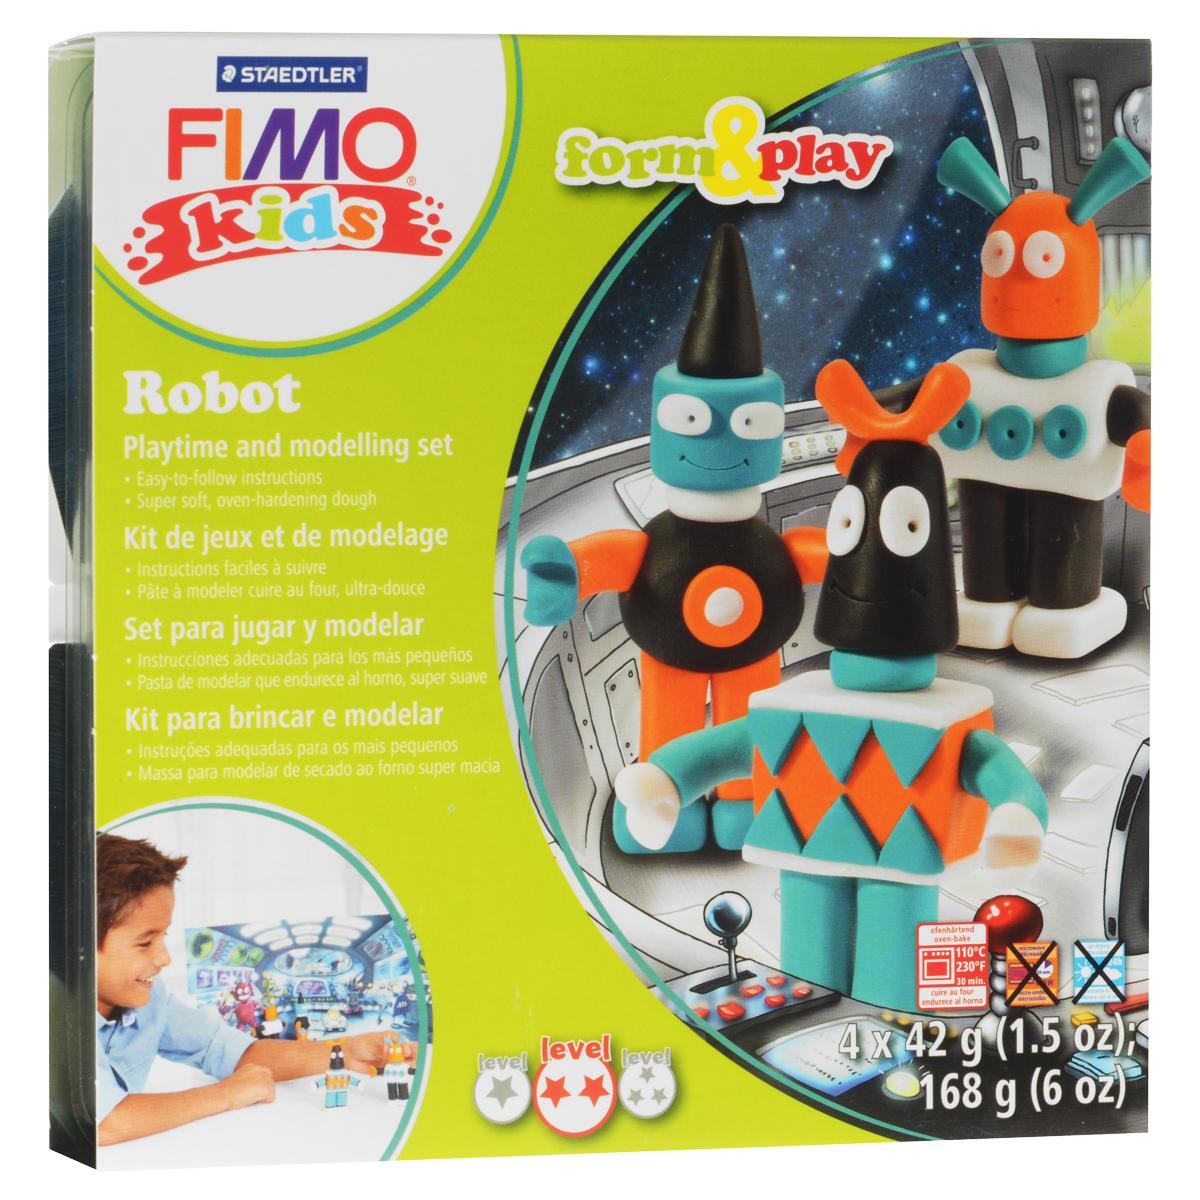 Набор для лепки Fimo Kids Робот8034 03 LZНабор для лепки Fimo Kids Робот представляет собой сочетание моделирования и игры. Набор включает в себя: 4 блока массы для лепки по 42 г (оранжевый, бирюзовый, черный, блестящий белый), стек для моделирования, игровая фоновая сцена. Входящая в набор полимерная глина разработана специально для детей, она мягкая, пластичная и ей легко придавать различные формы. Игровая фоновая сцена, изображенная на внутренней стороне упаковки, не только доставит дополнительное удовольствие от игры, но и вдохновит на новые идеи моделирования. При помощи этого набора ваш малыш сможет своими руками изготовить оригинальные фигурки роботов. В домашних условиях готовая поделка выпекается в духовом шкафу при температуре 110°С в течении 15-30 минут (в зависимости от величины изделия). Отвердевшие изделия могут быть раскрашены акриловыми красками, покрыты лаком, склеены друг с другом или с другими материалами.